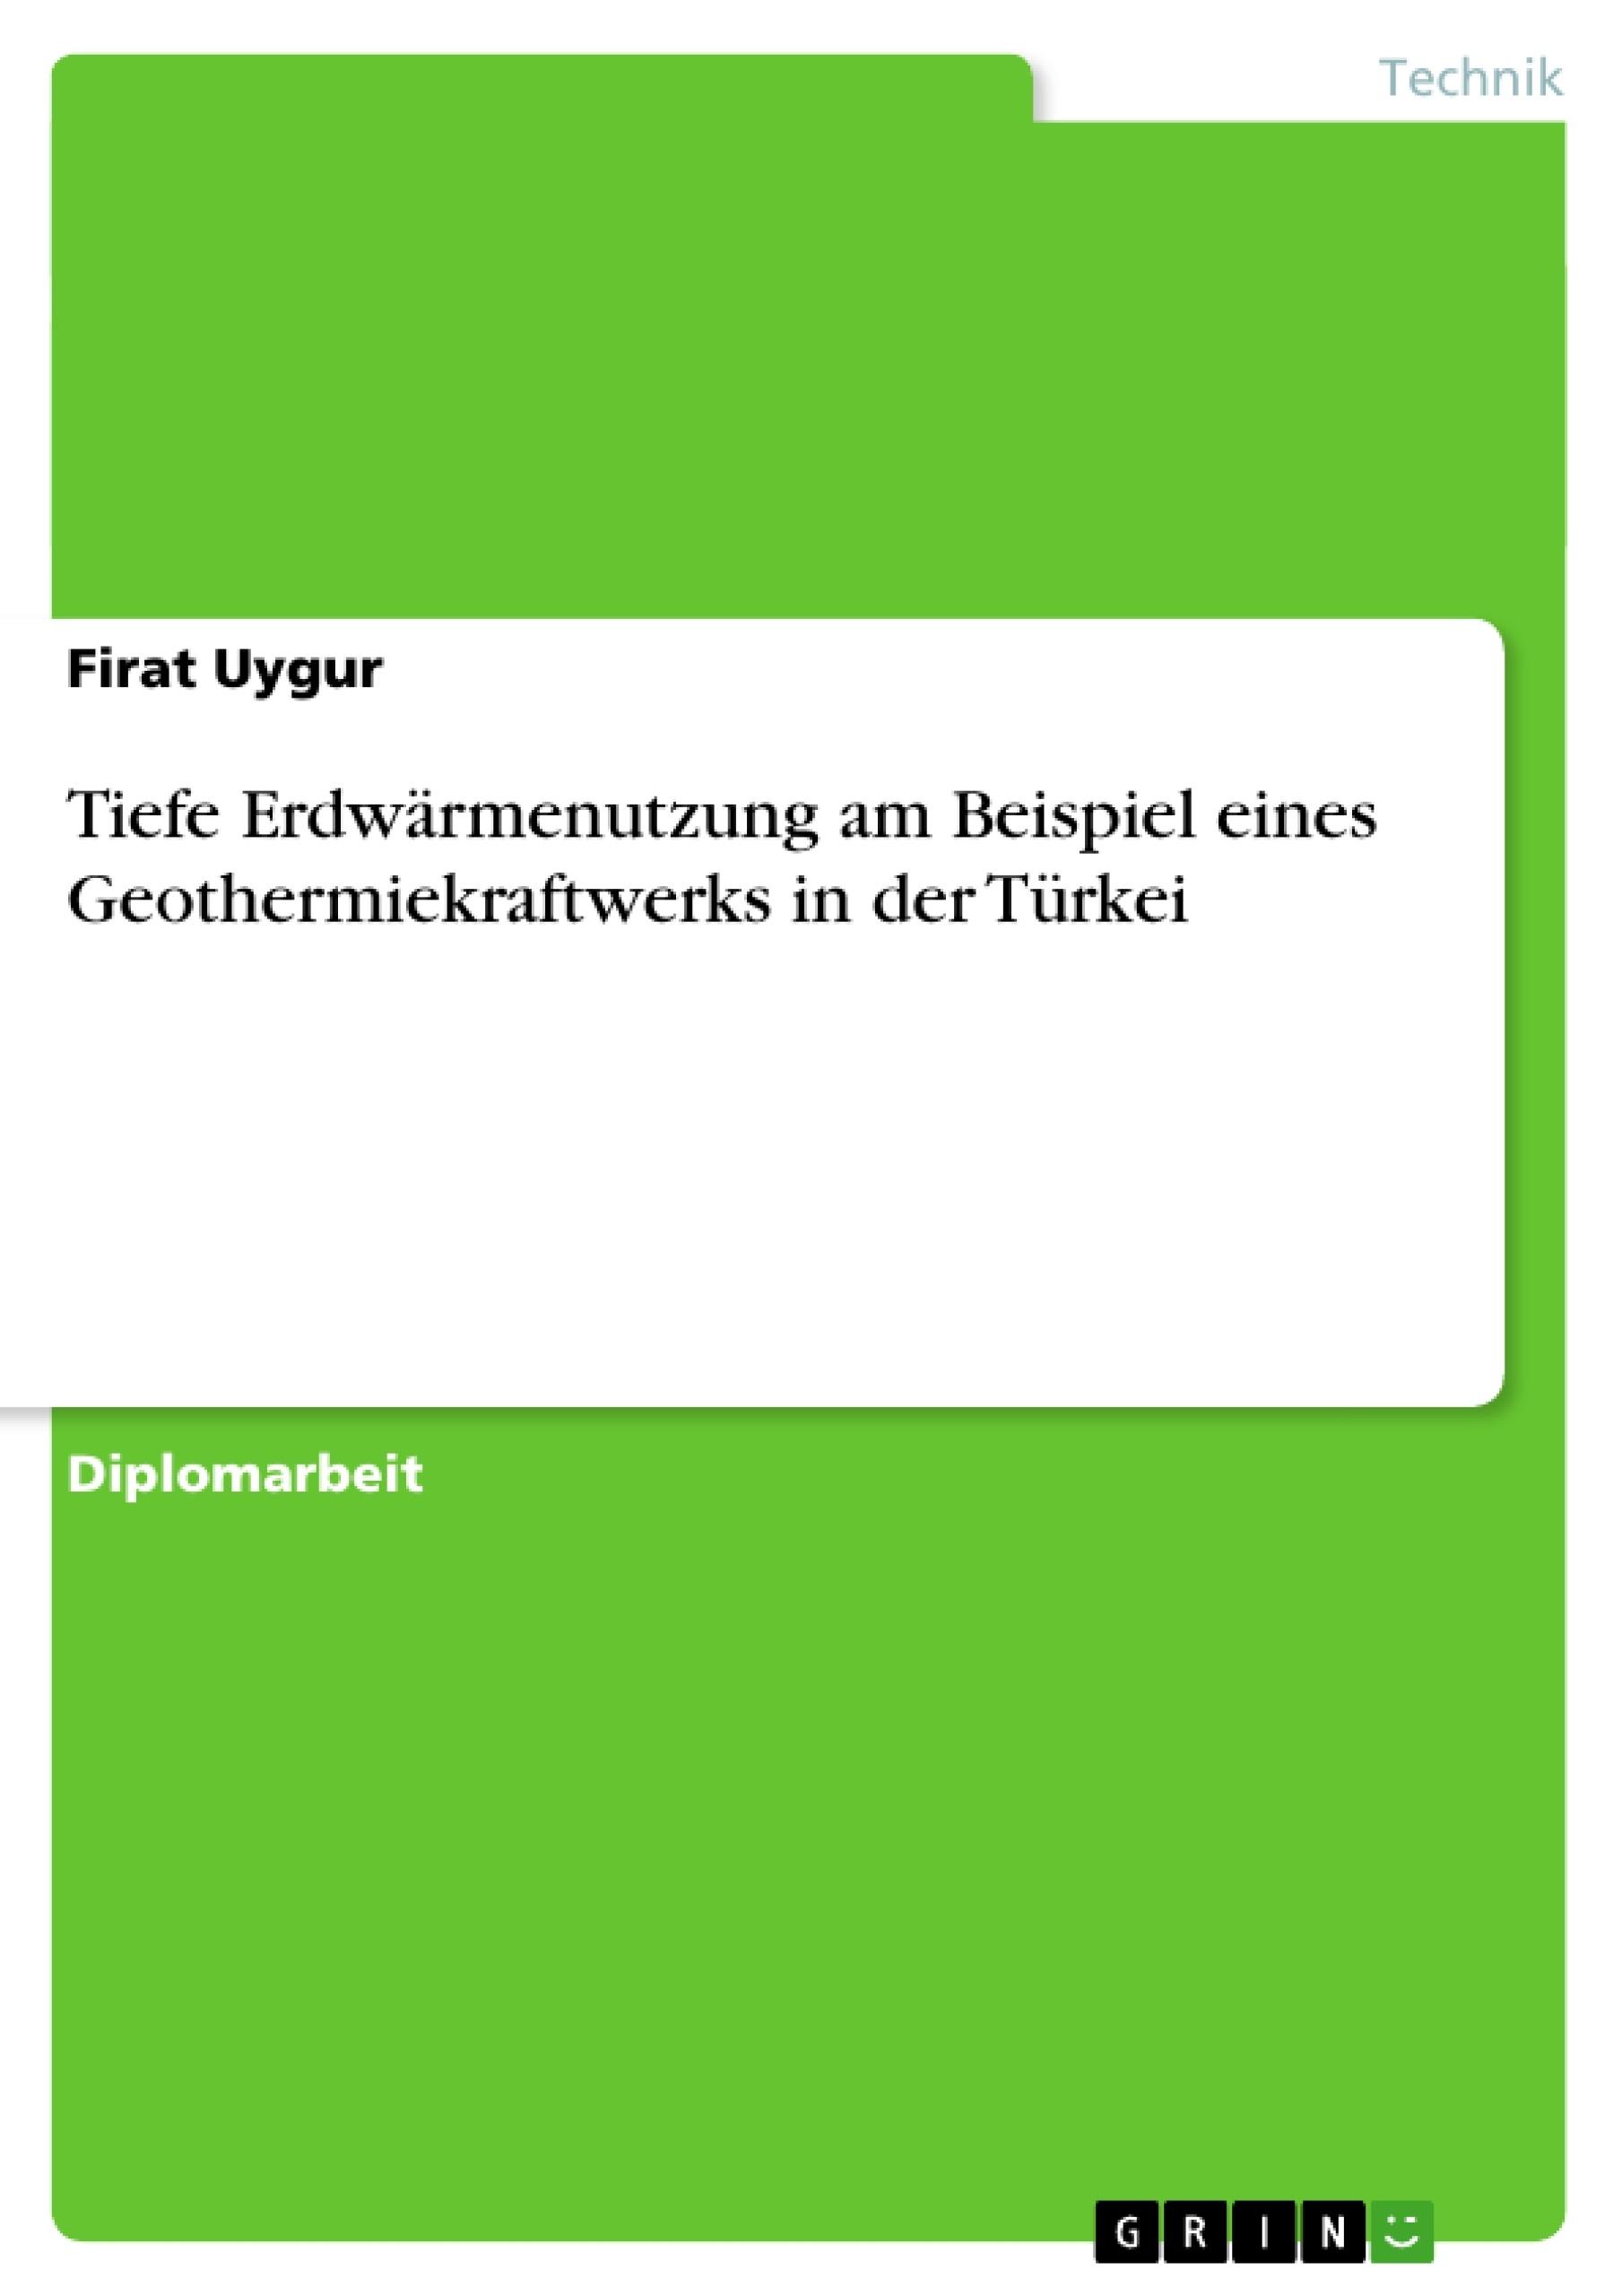 Titel: Tiefe Erdwärmenutzung am Beispiel eines Geothermiekraftwerks in der Türkei